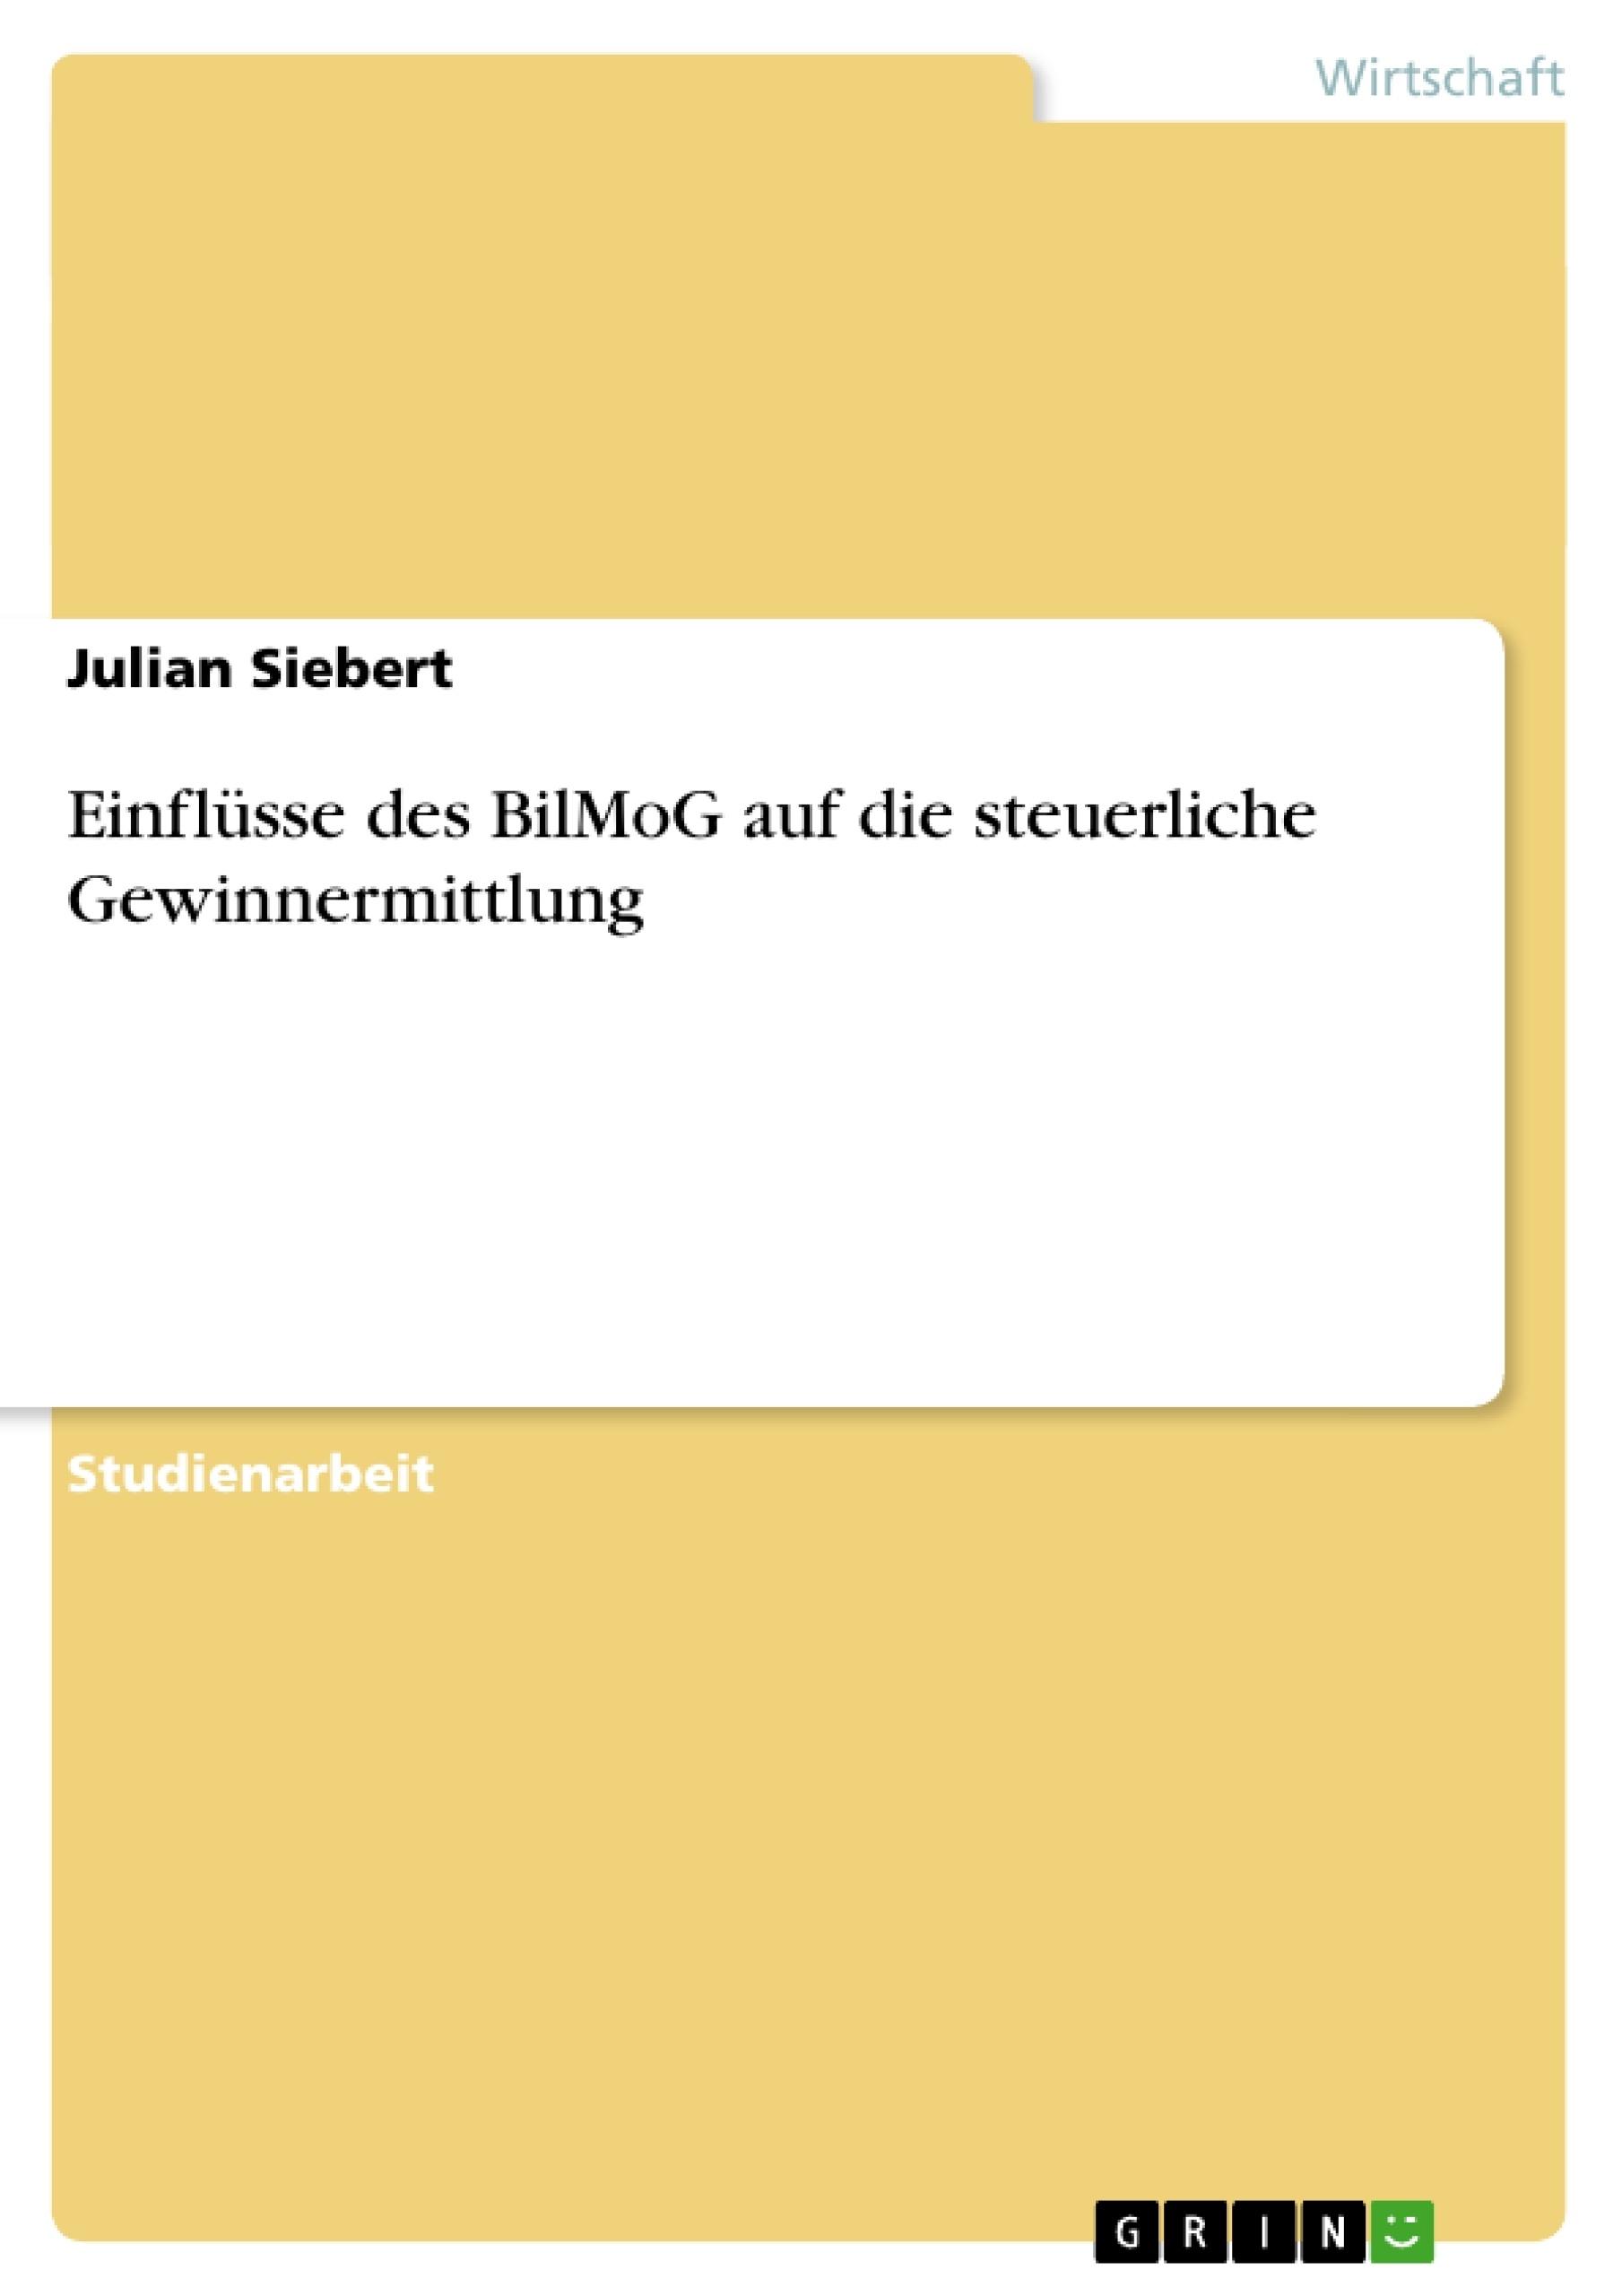 Titel: Einflüsse des BilMoG auf die steuerliche Gewinnermittlung